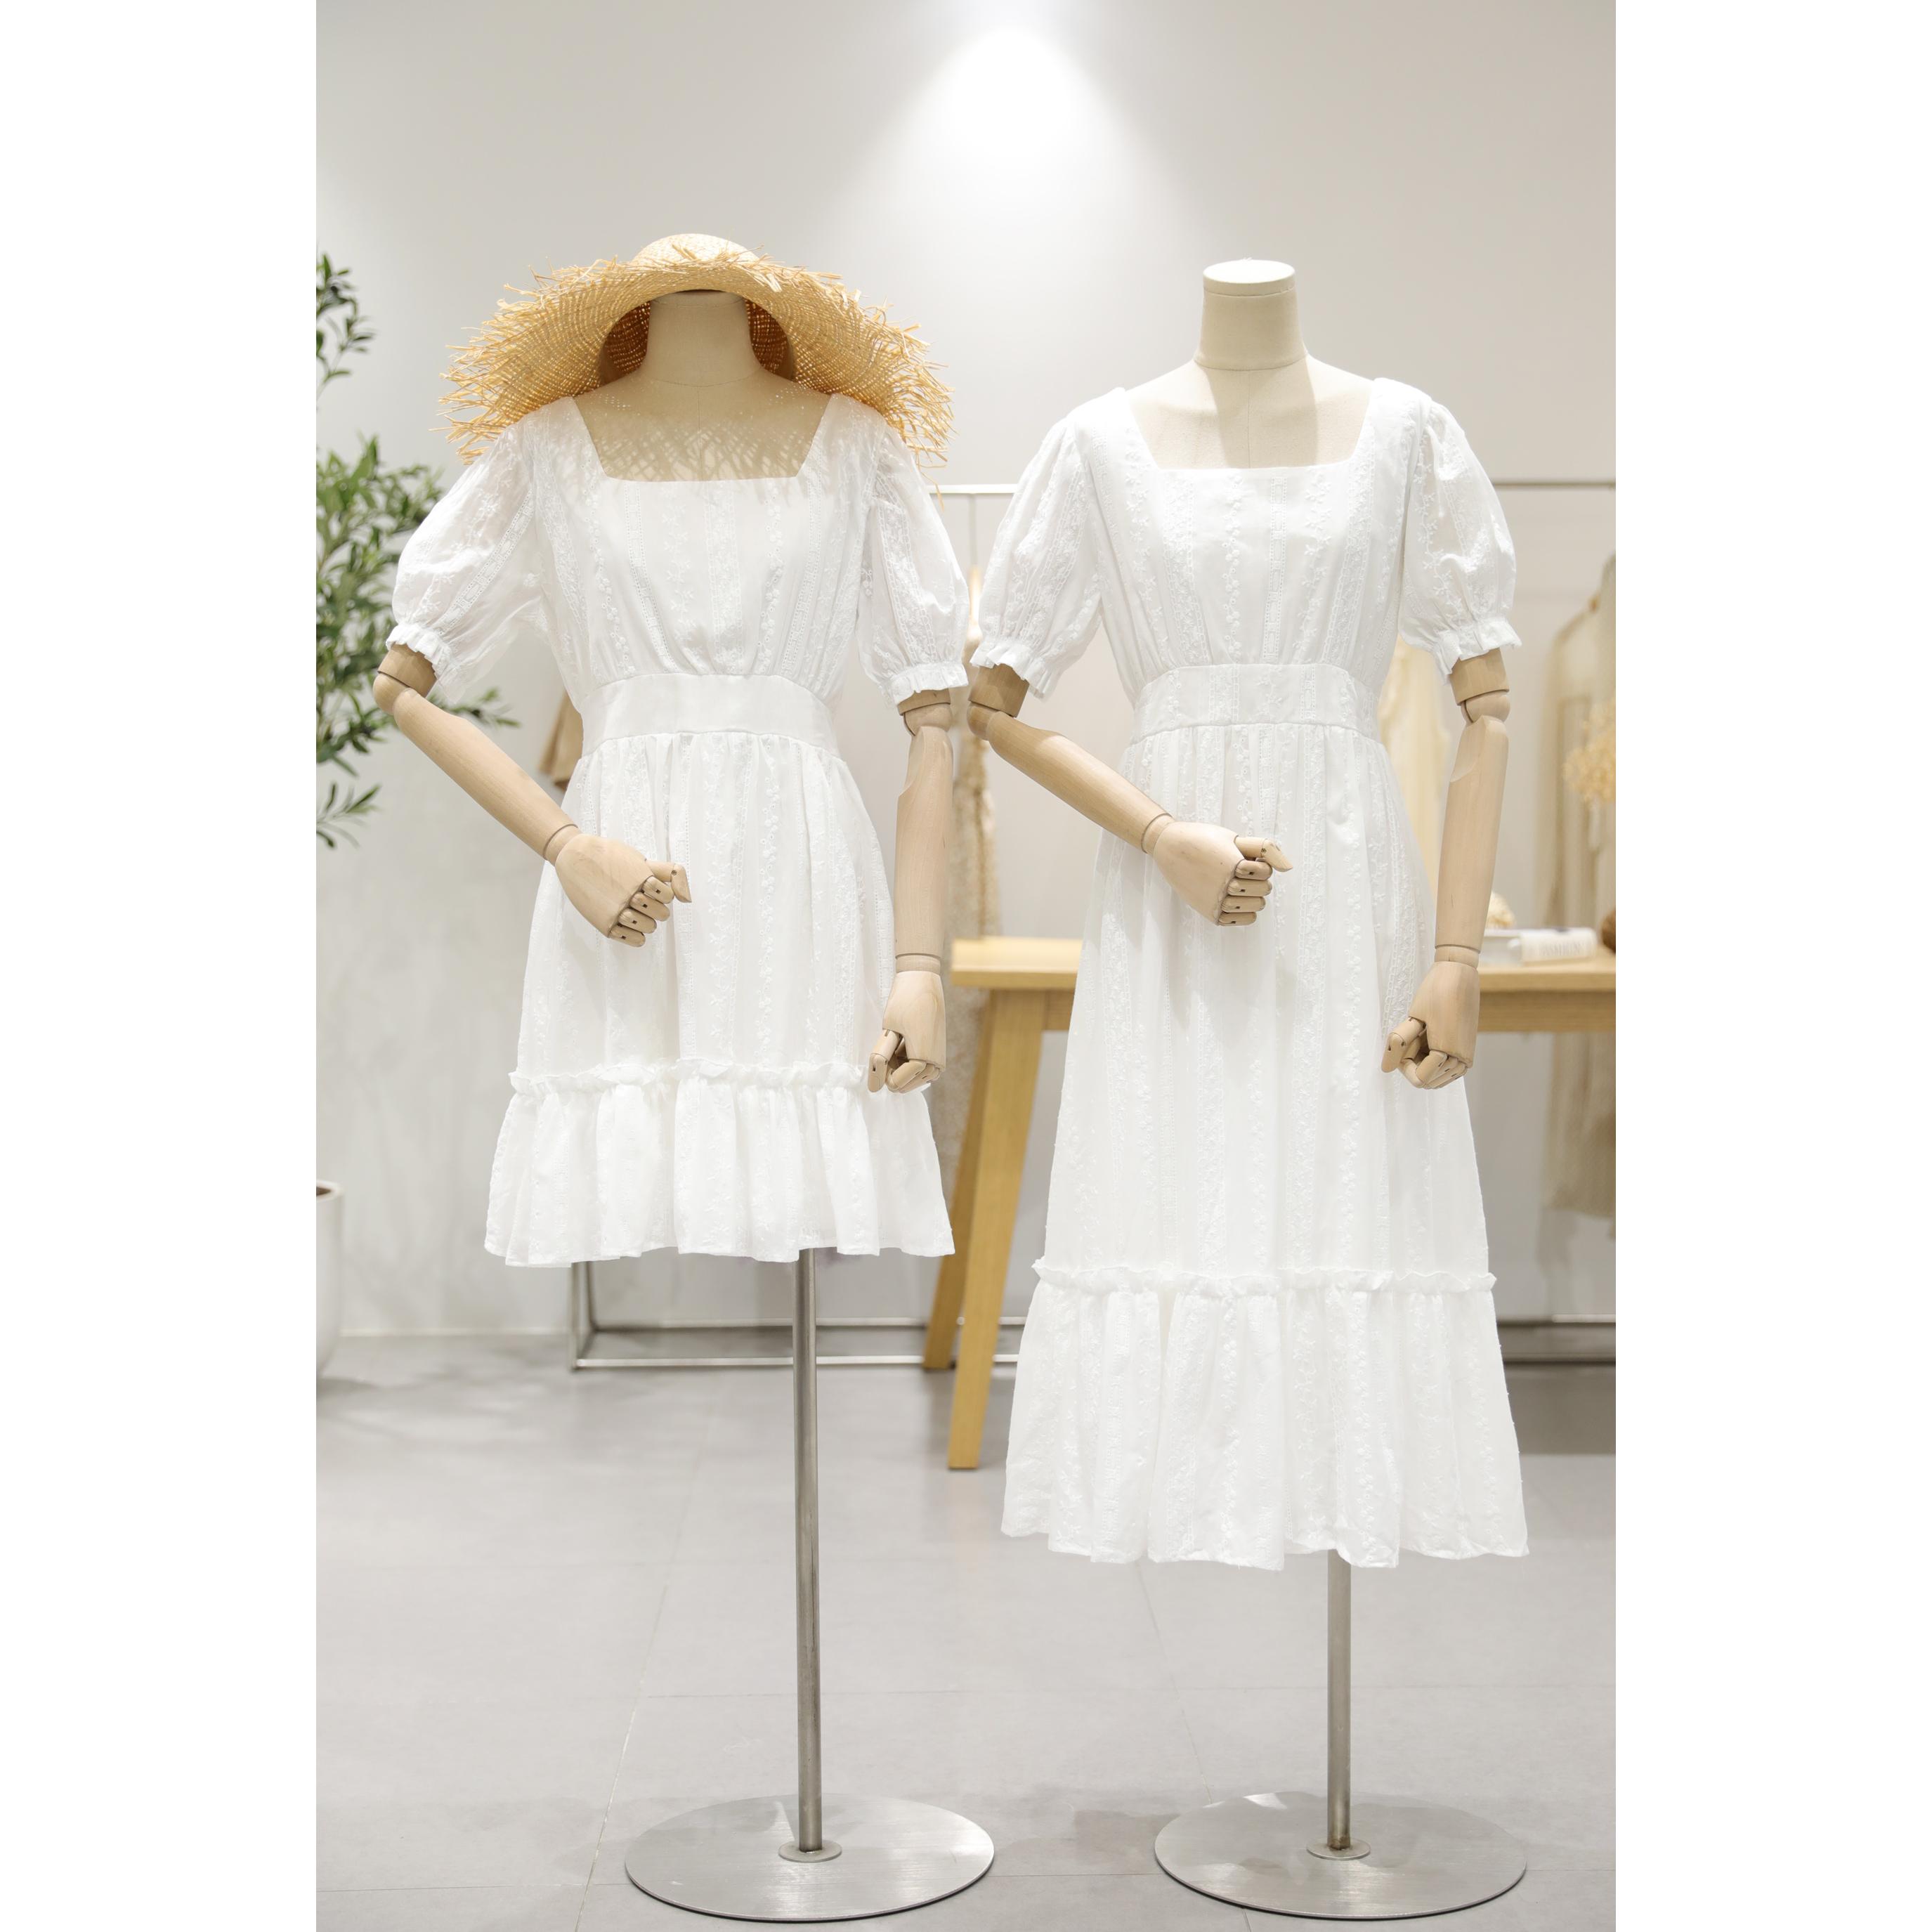 不一样的闺蜜装裙子仙女超仙森系甜美法式初恋裙棉麻白色连衣裙夏图片